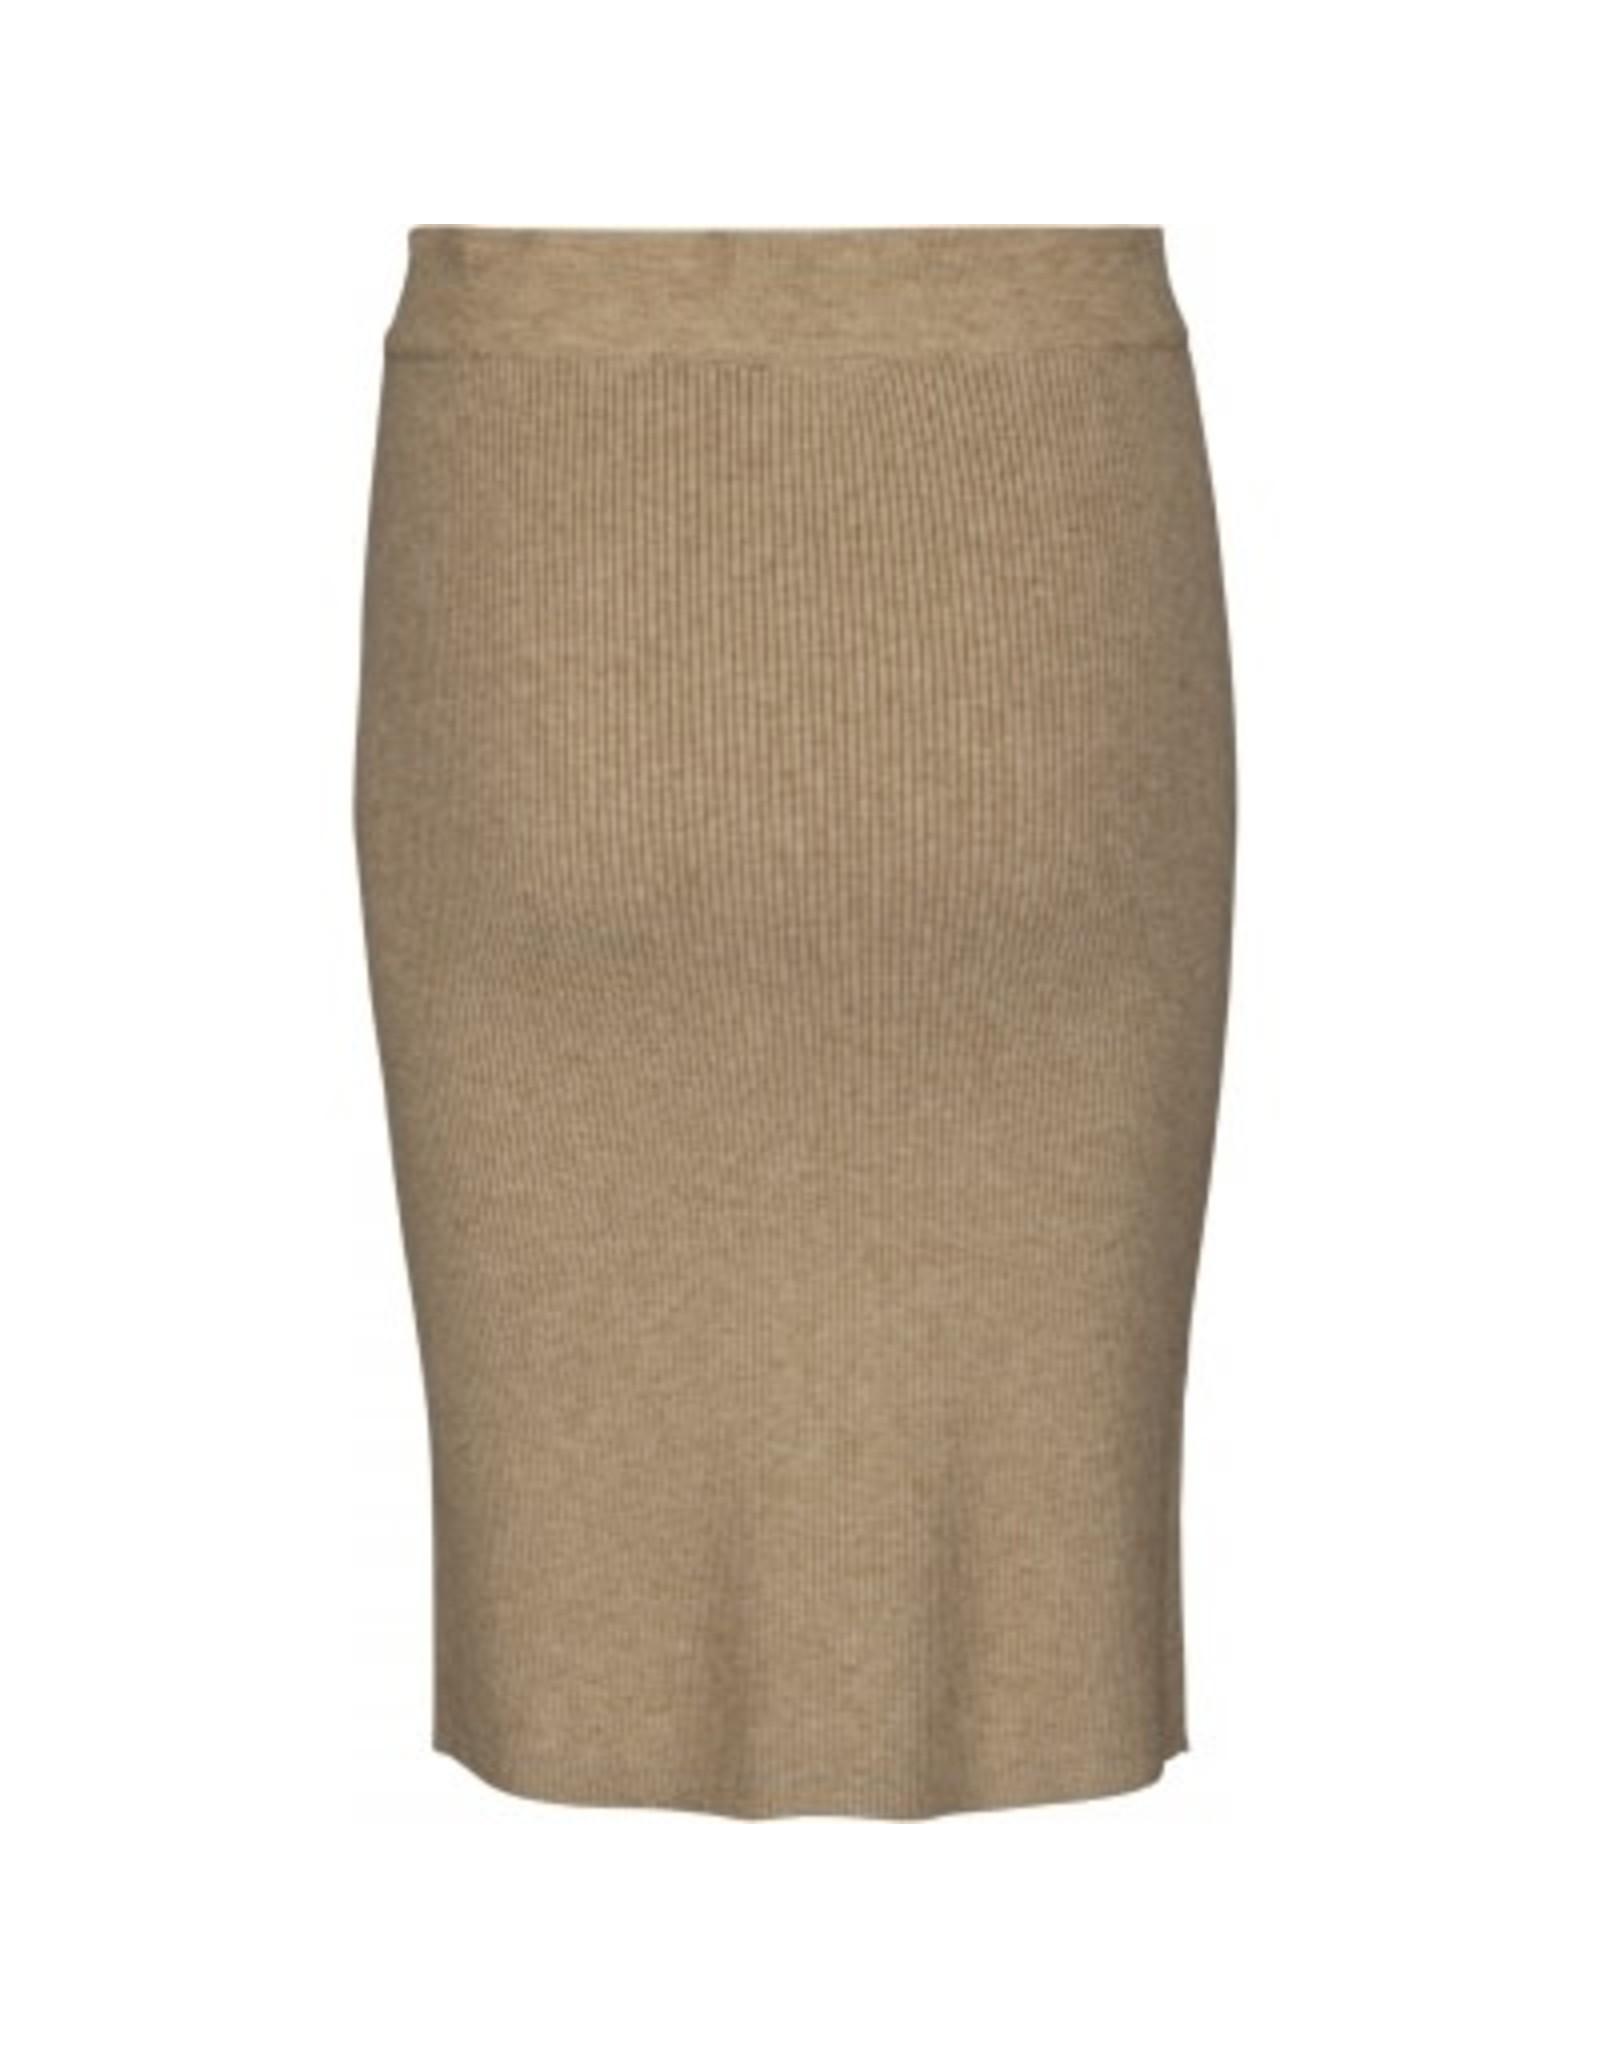 Minus Maranola Knit Skirt